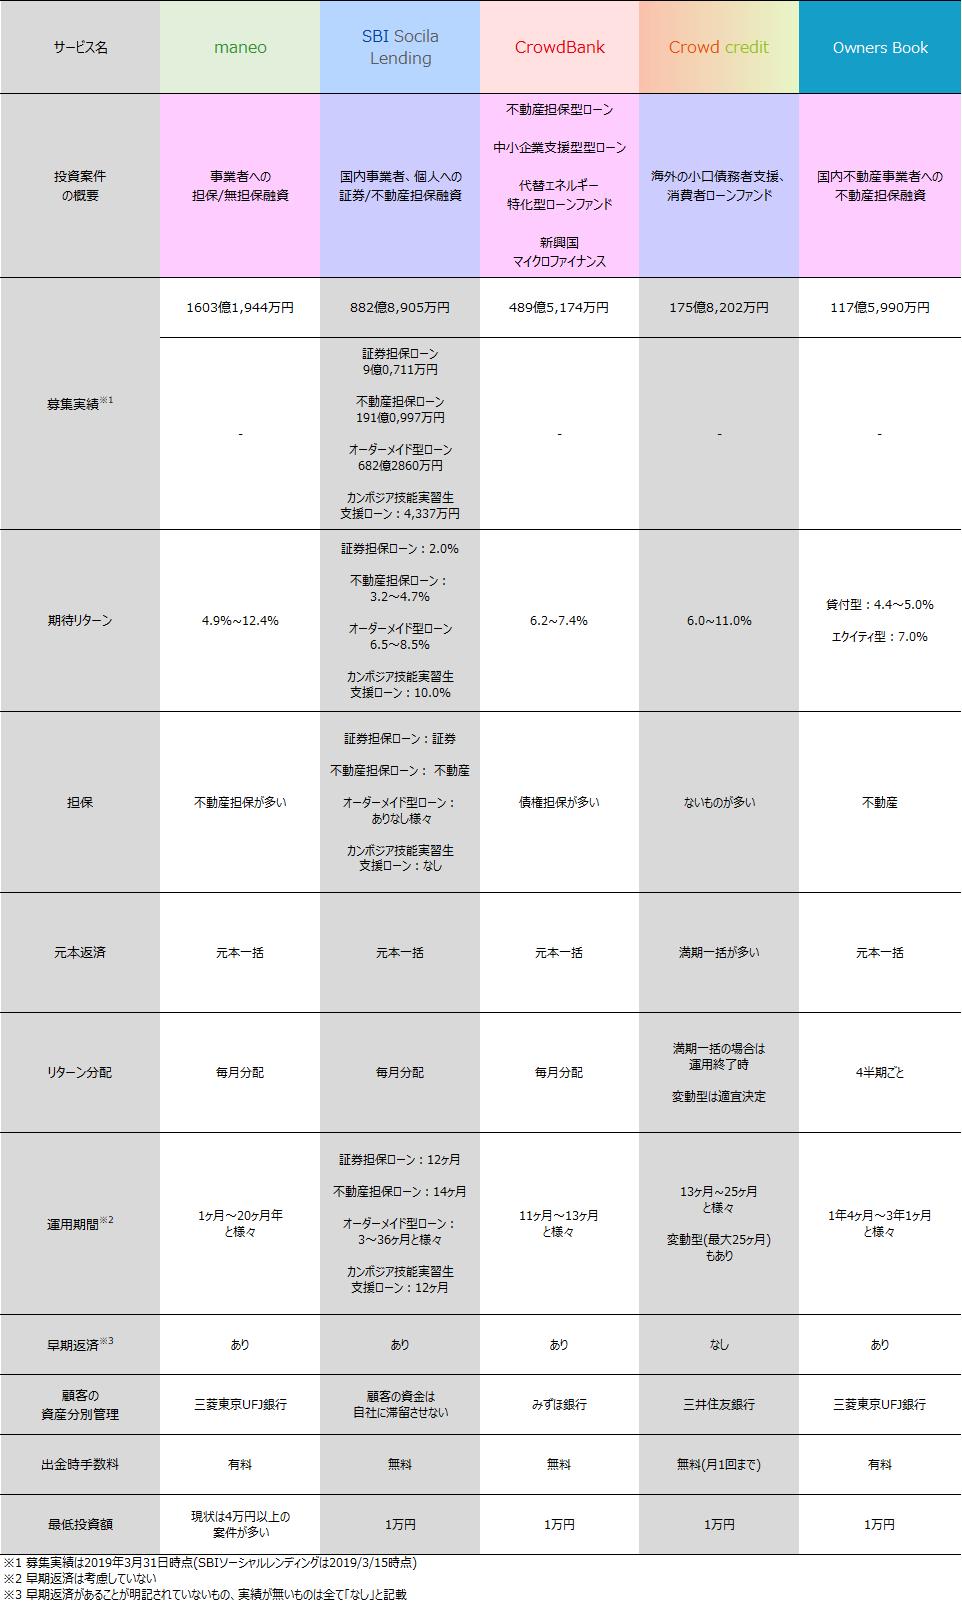 ソーシャルレンディング2018年3月期各社案件比較01